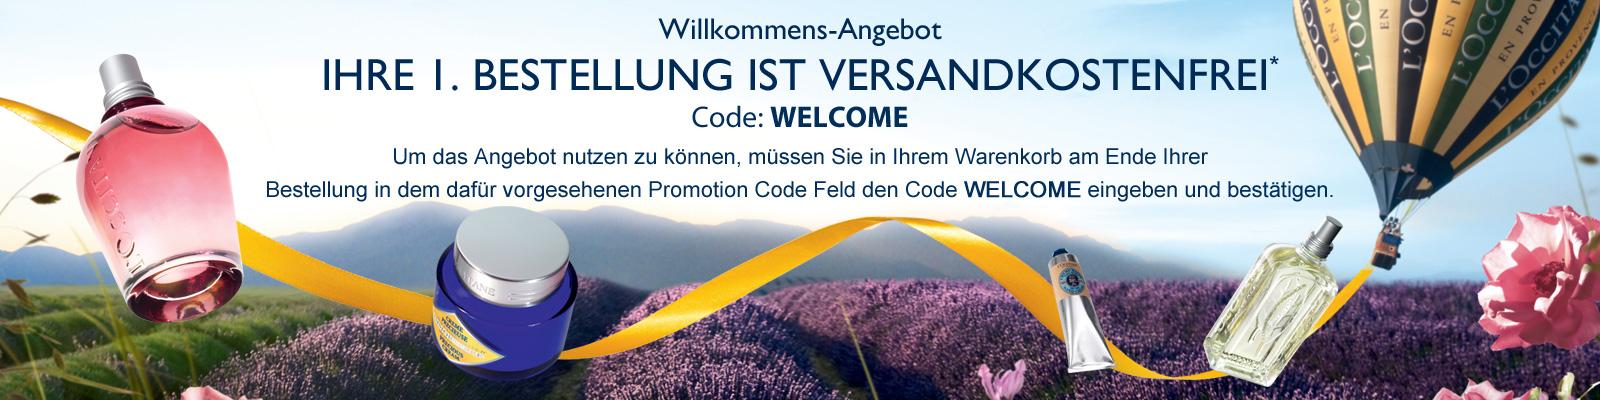 Willkommens-Angebot - L'Occitane Switzerland